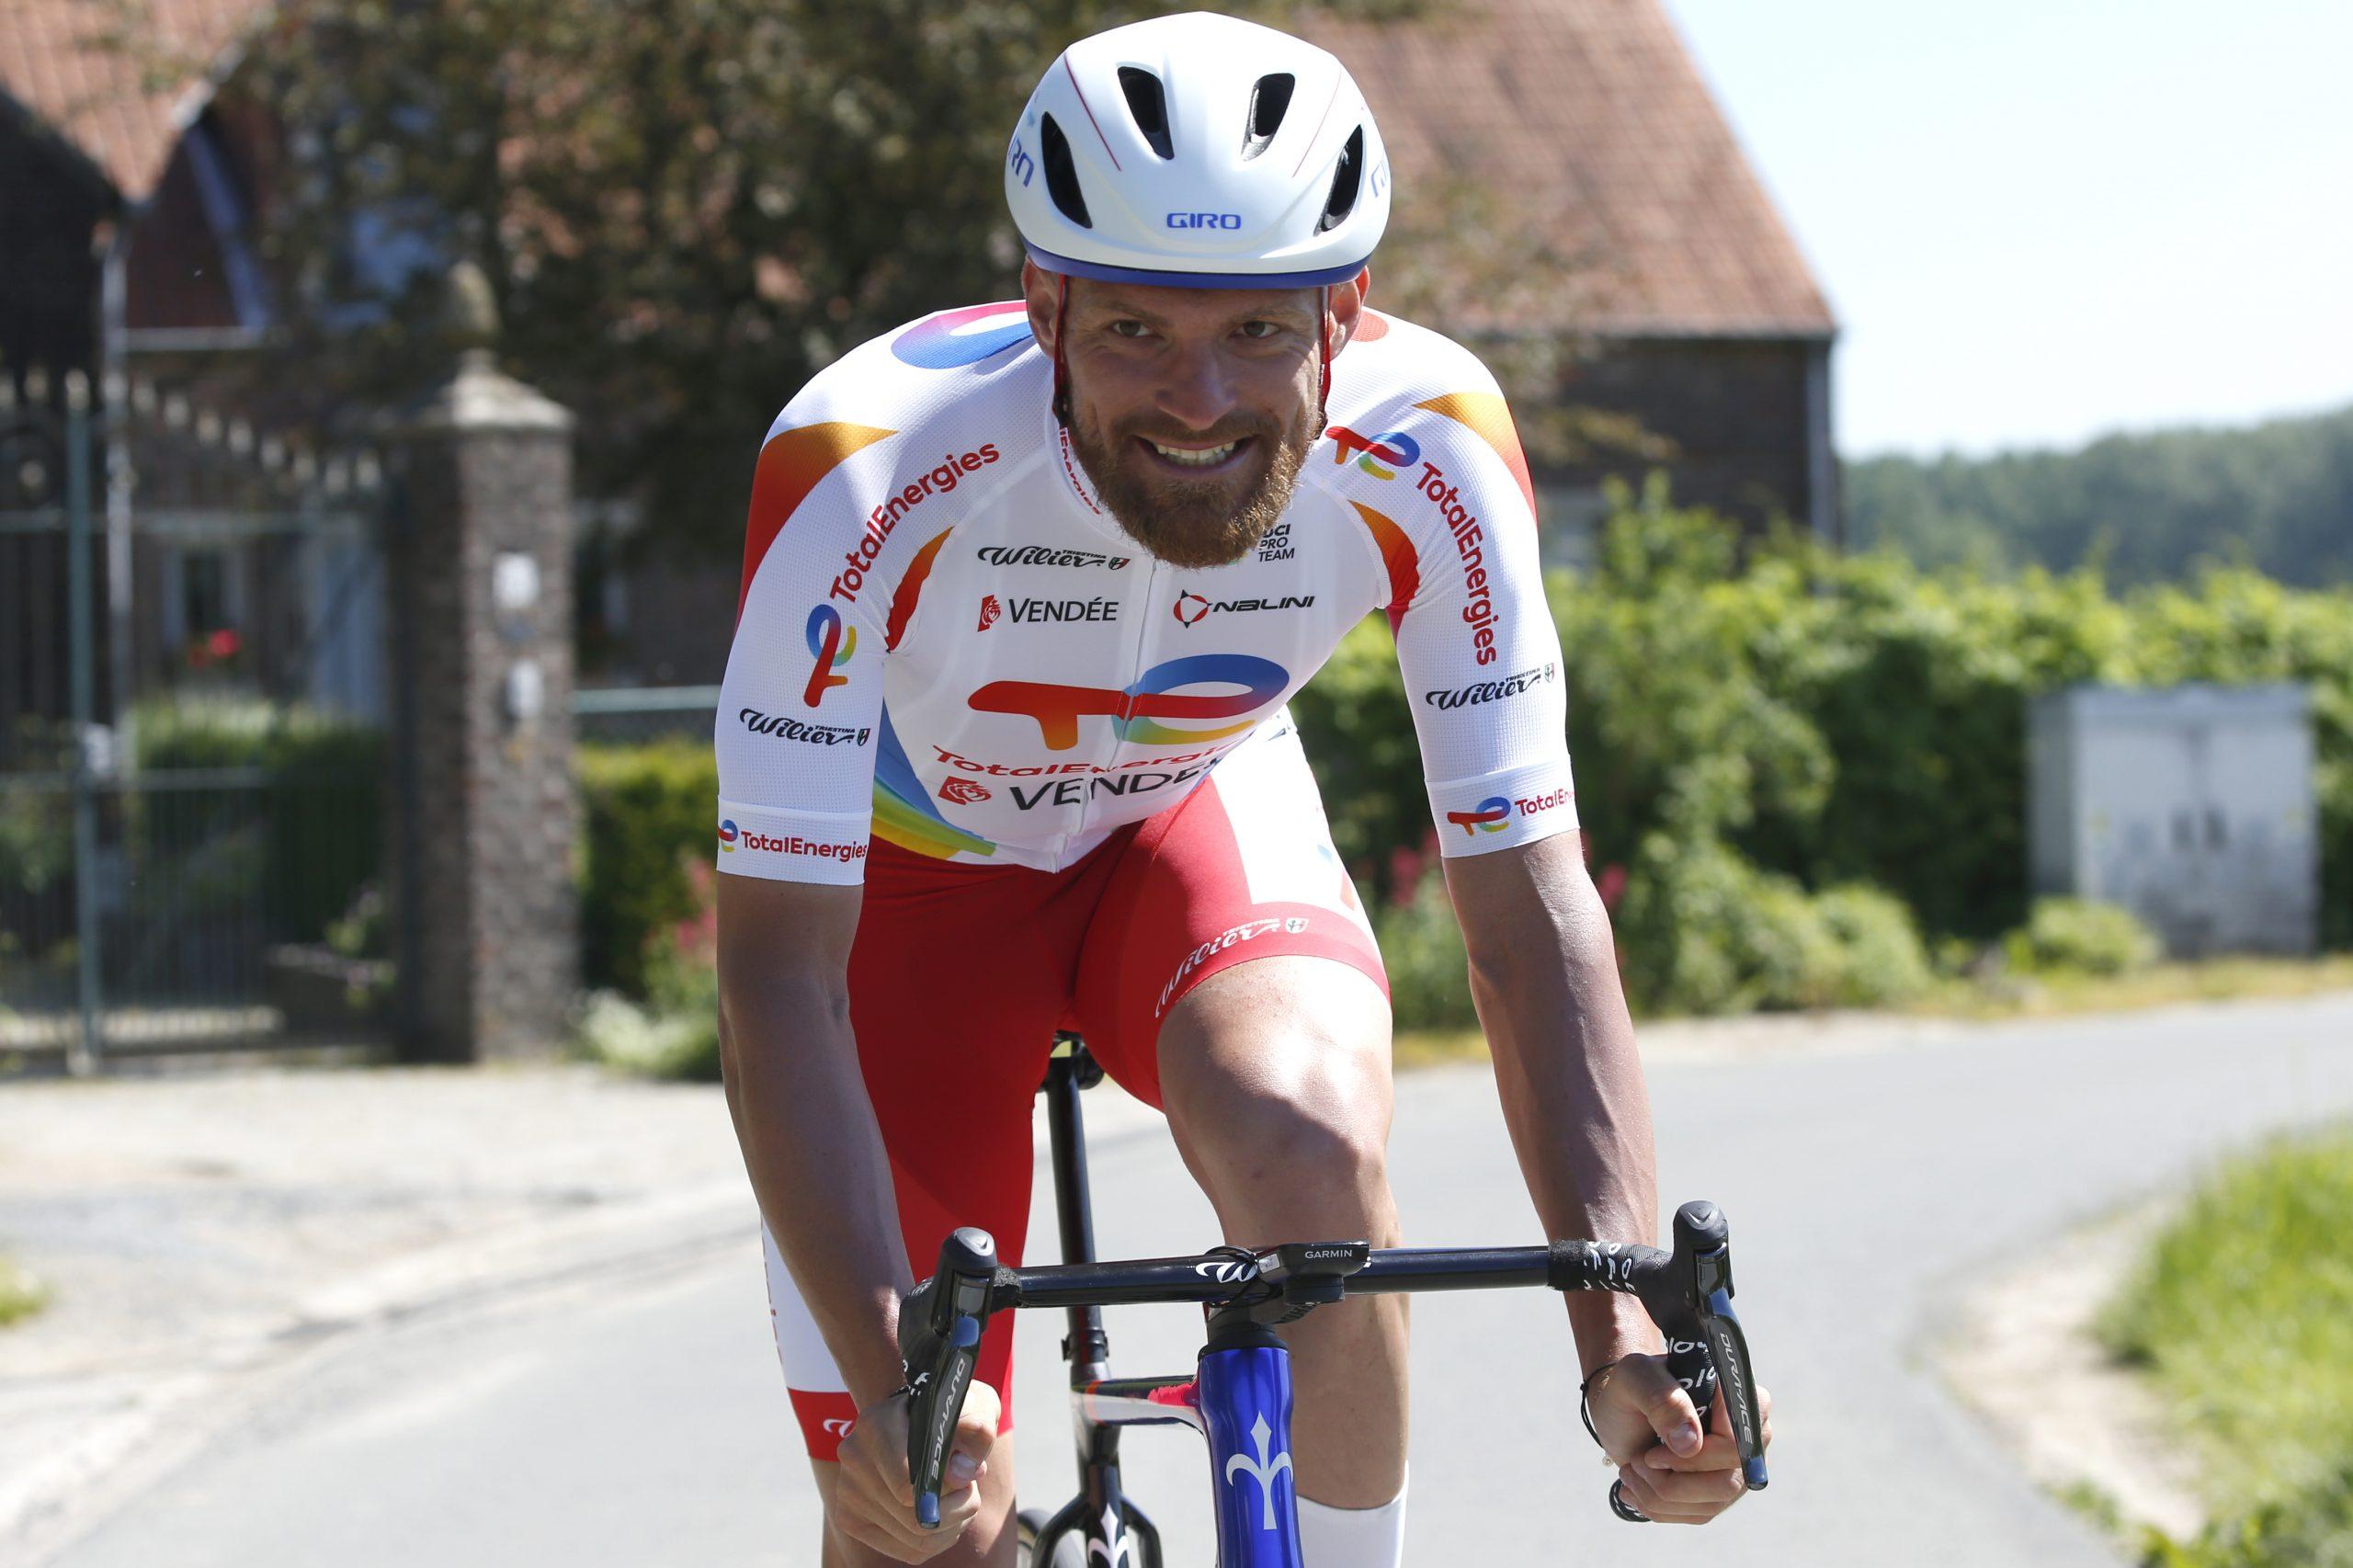 Sécurité : les 10 règles d'or à vélo